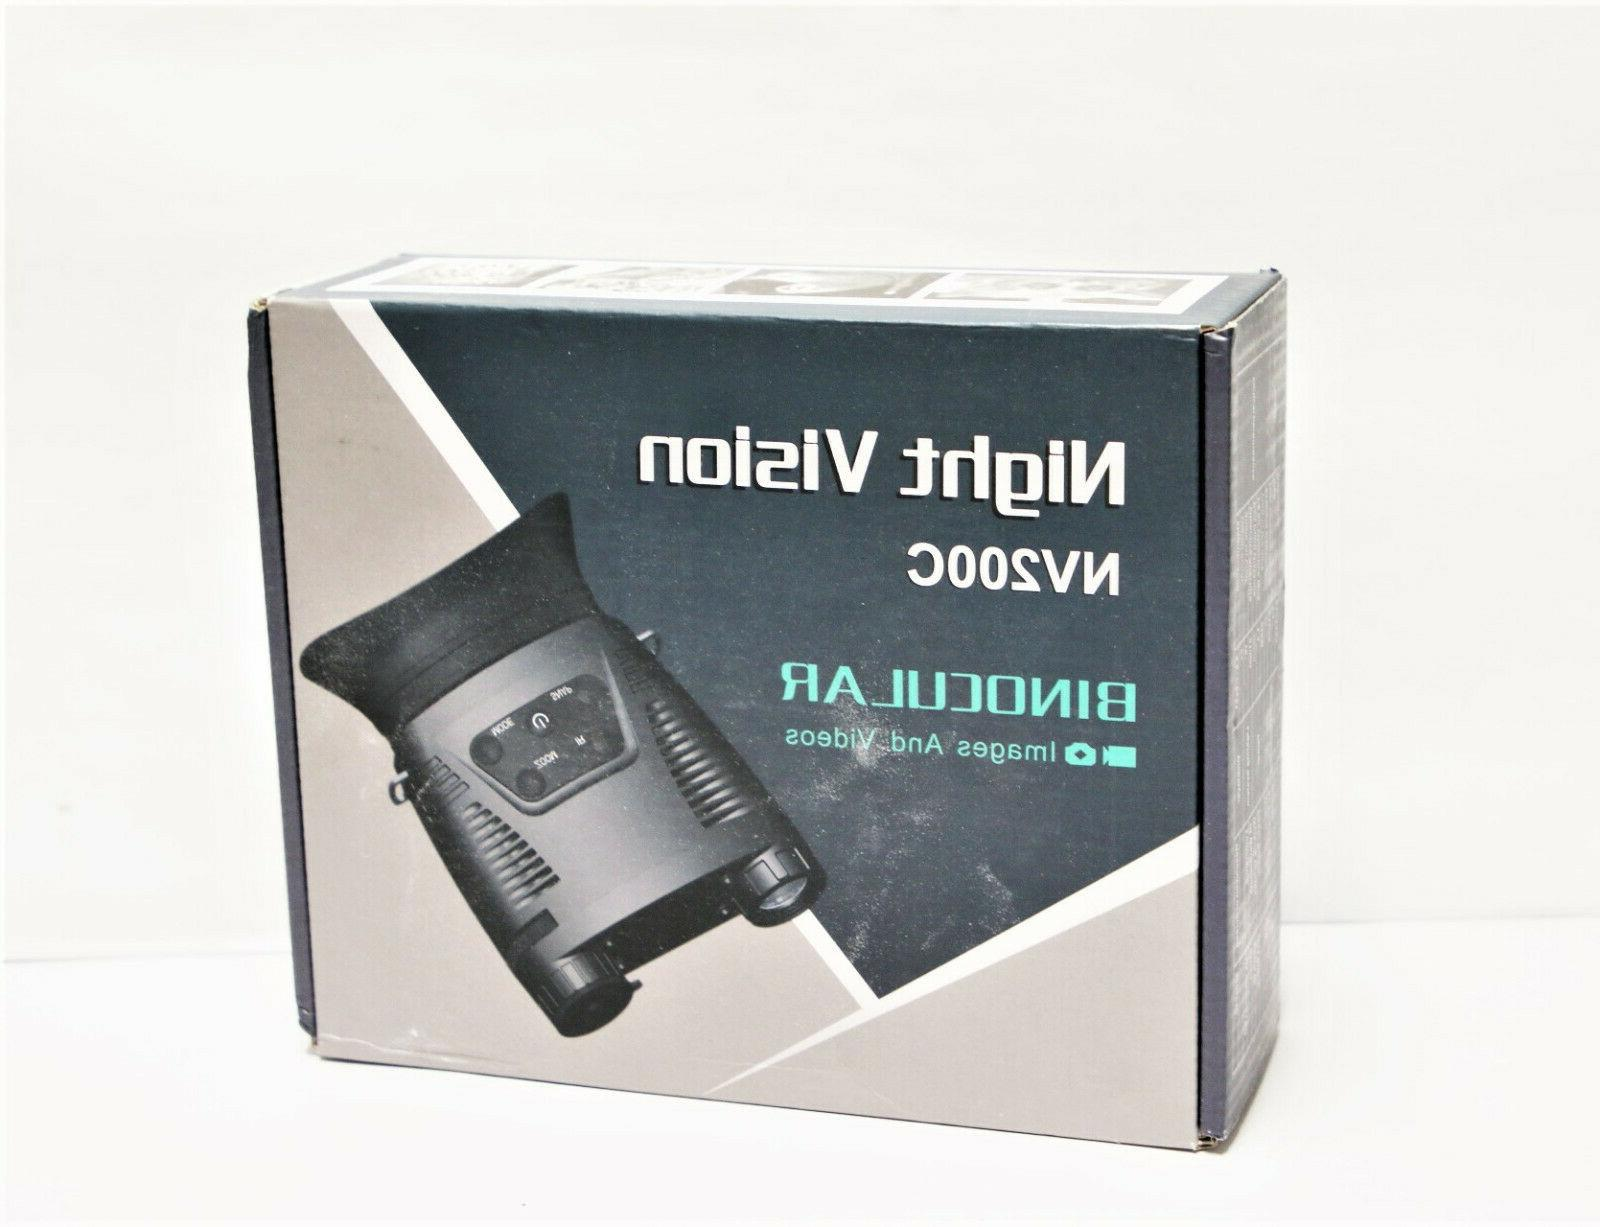 night vision nv200c 3 8 7 6x